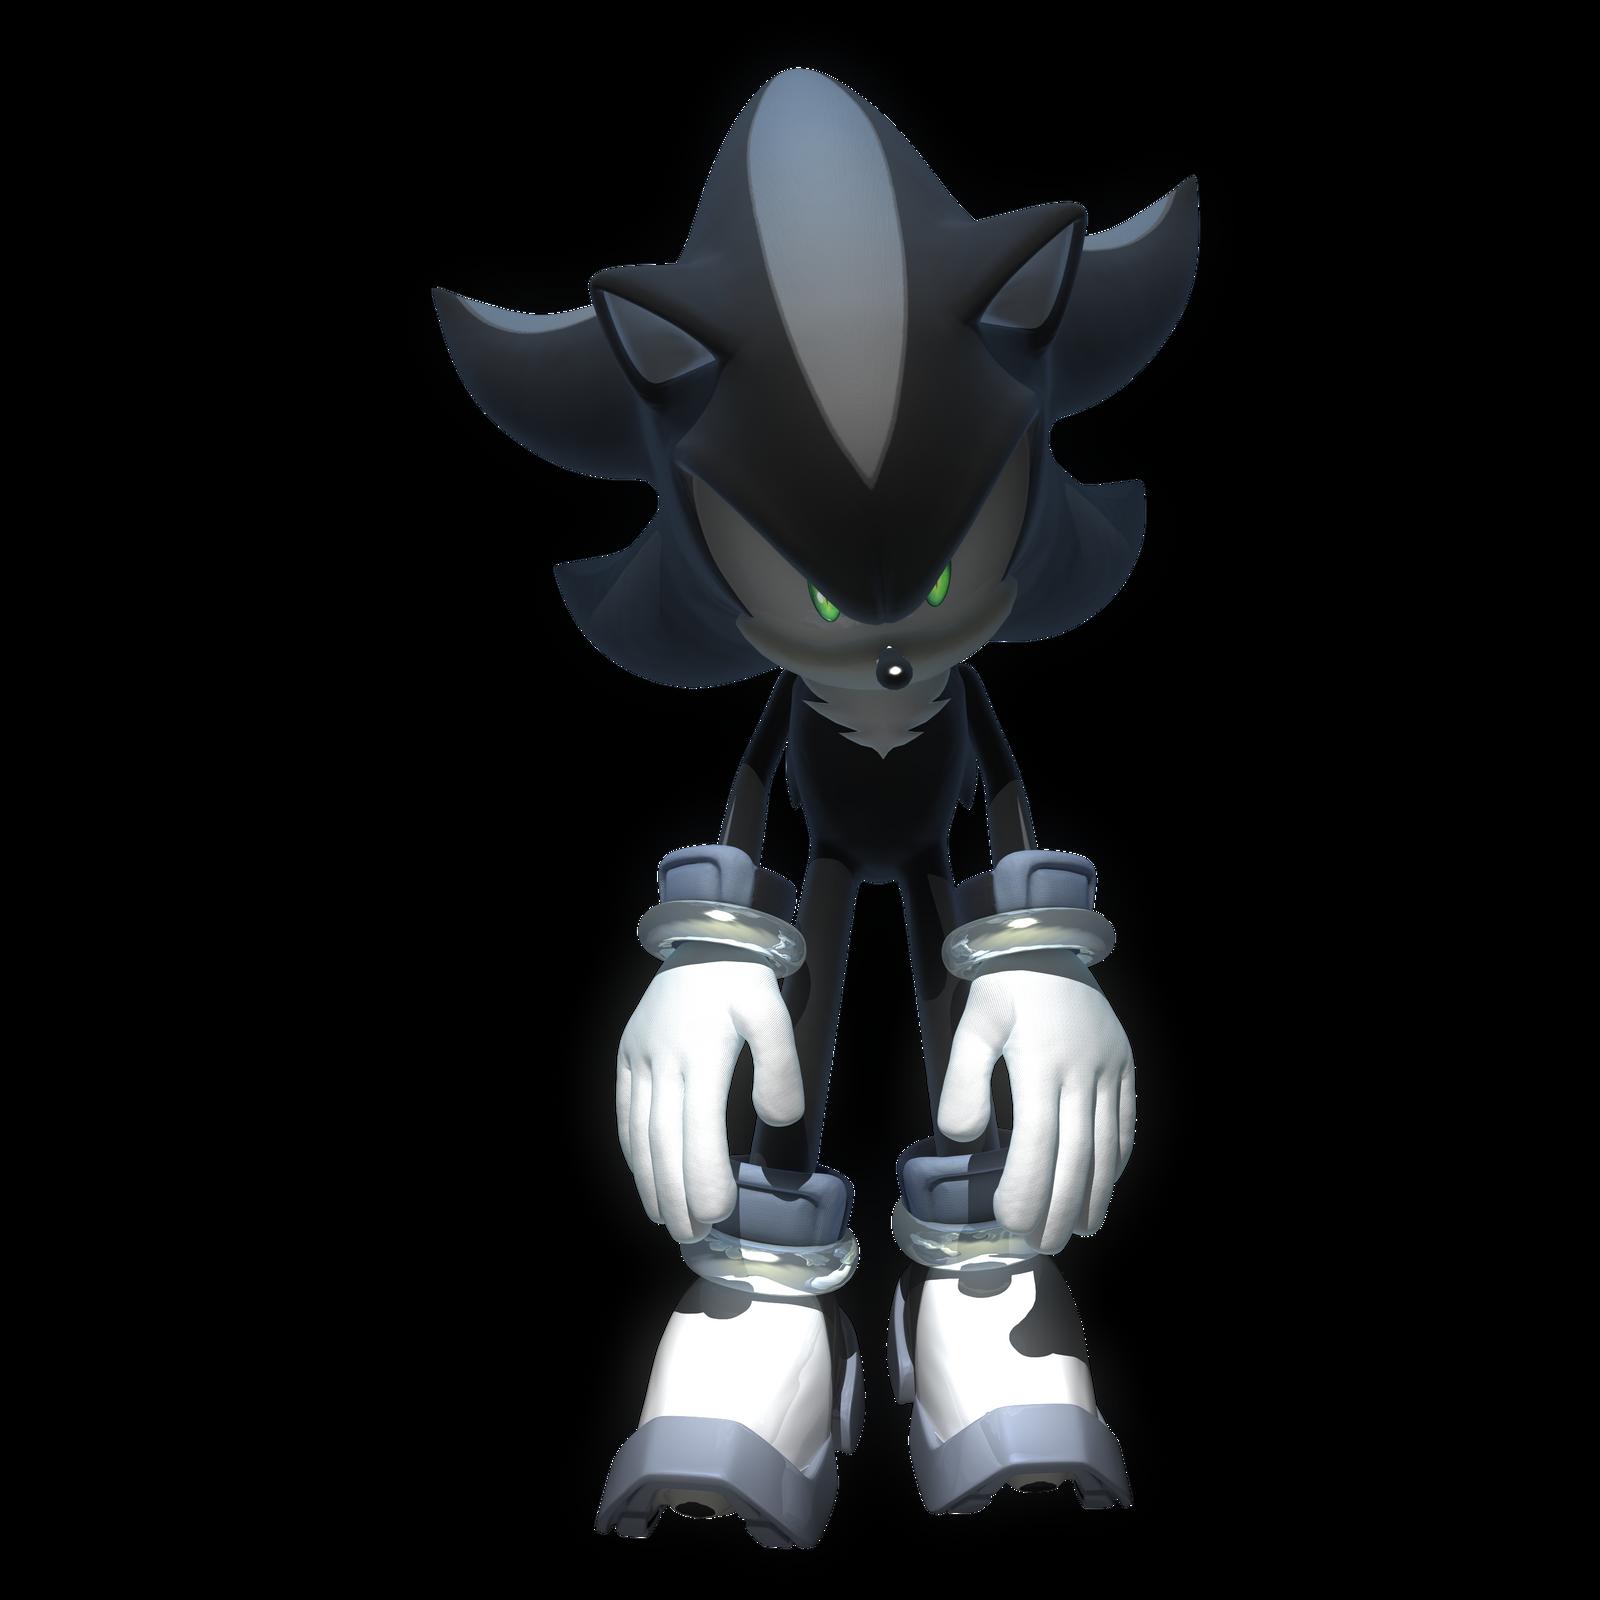 Mephiles on Sonic-High-3D - DeviantArt